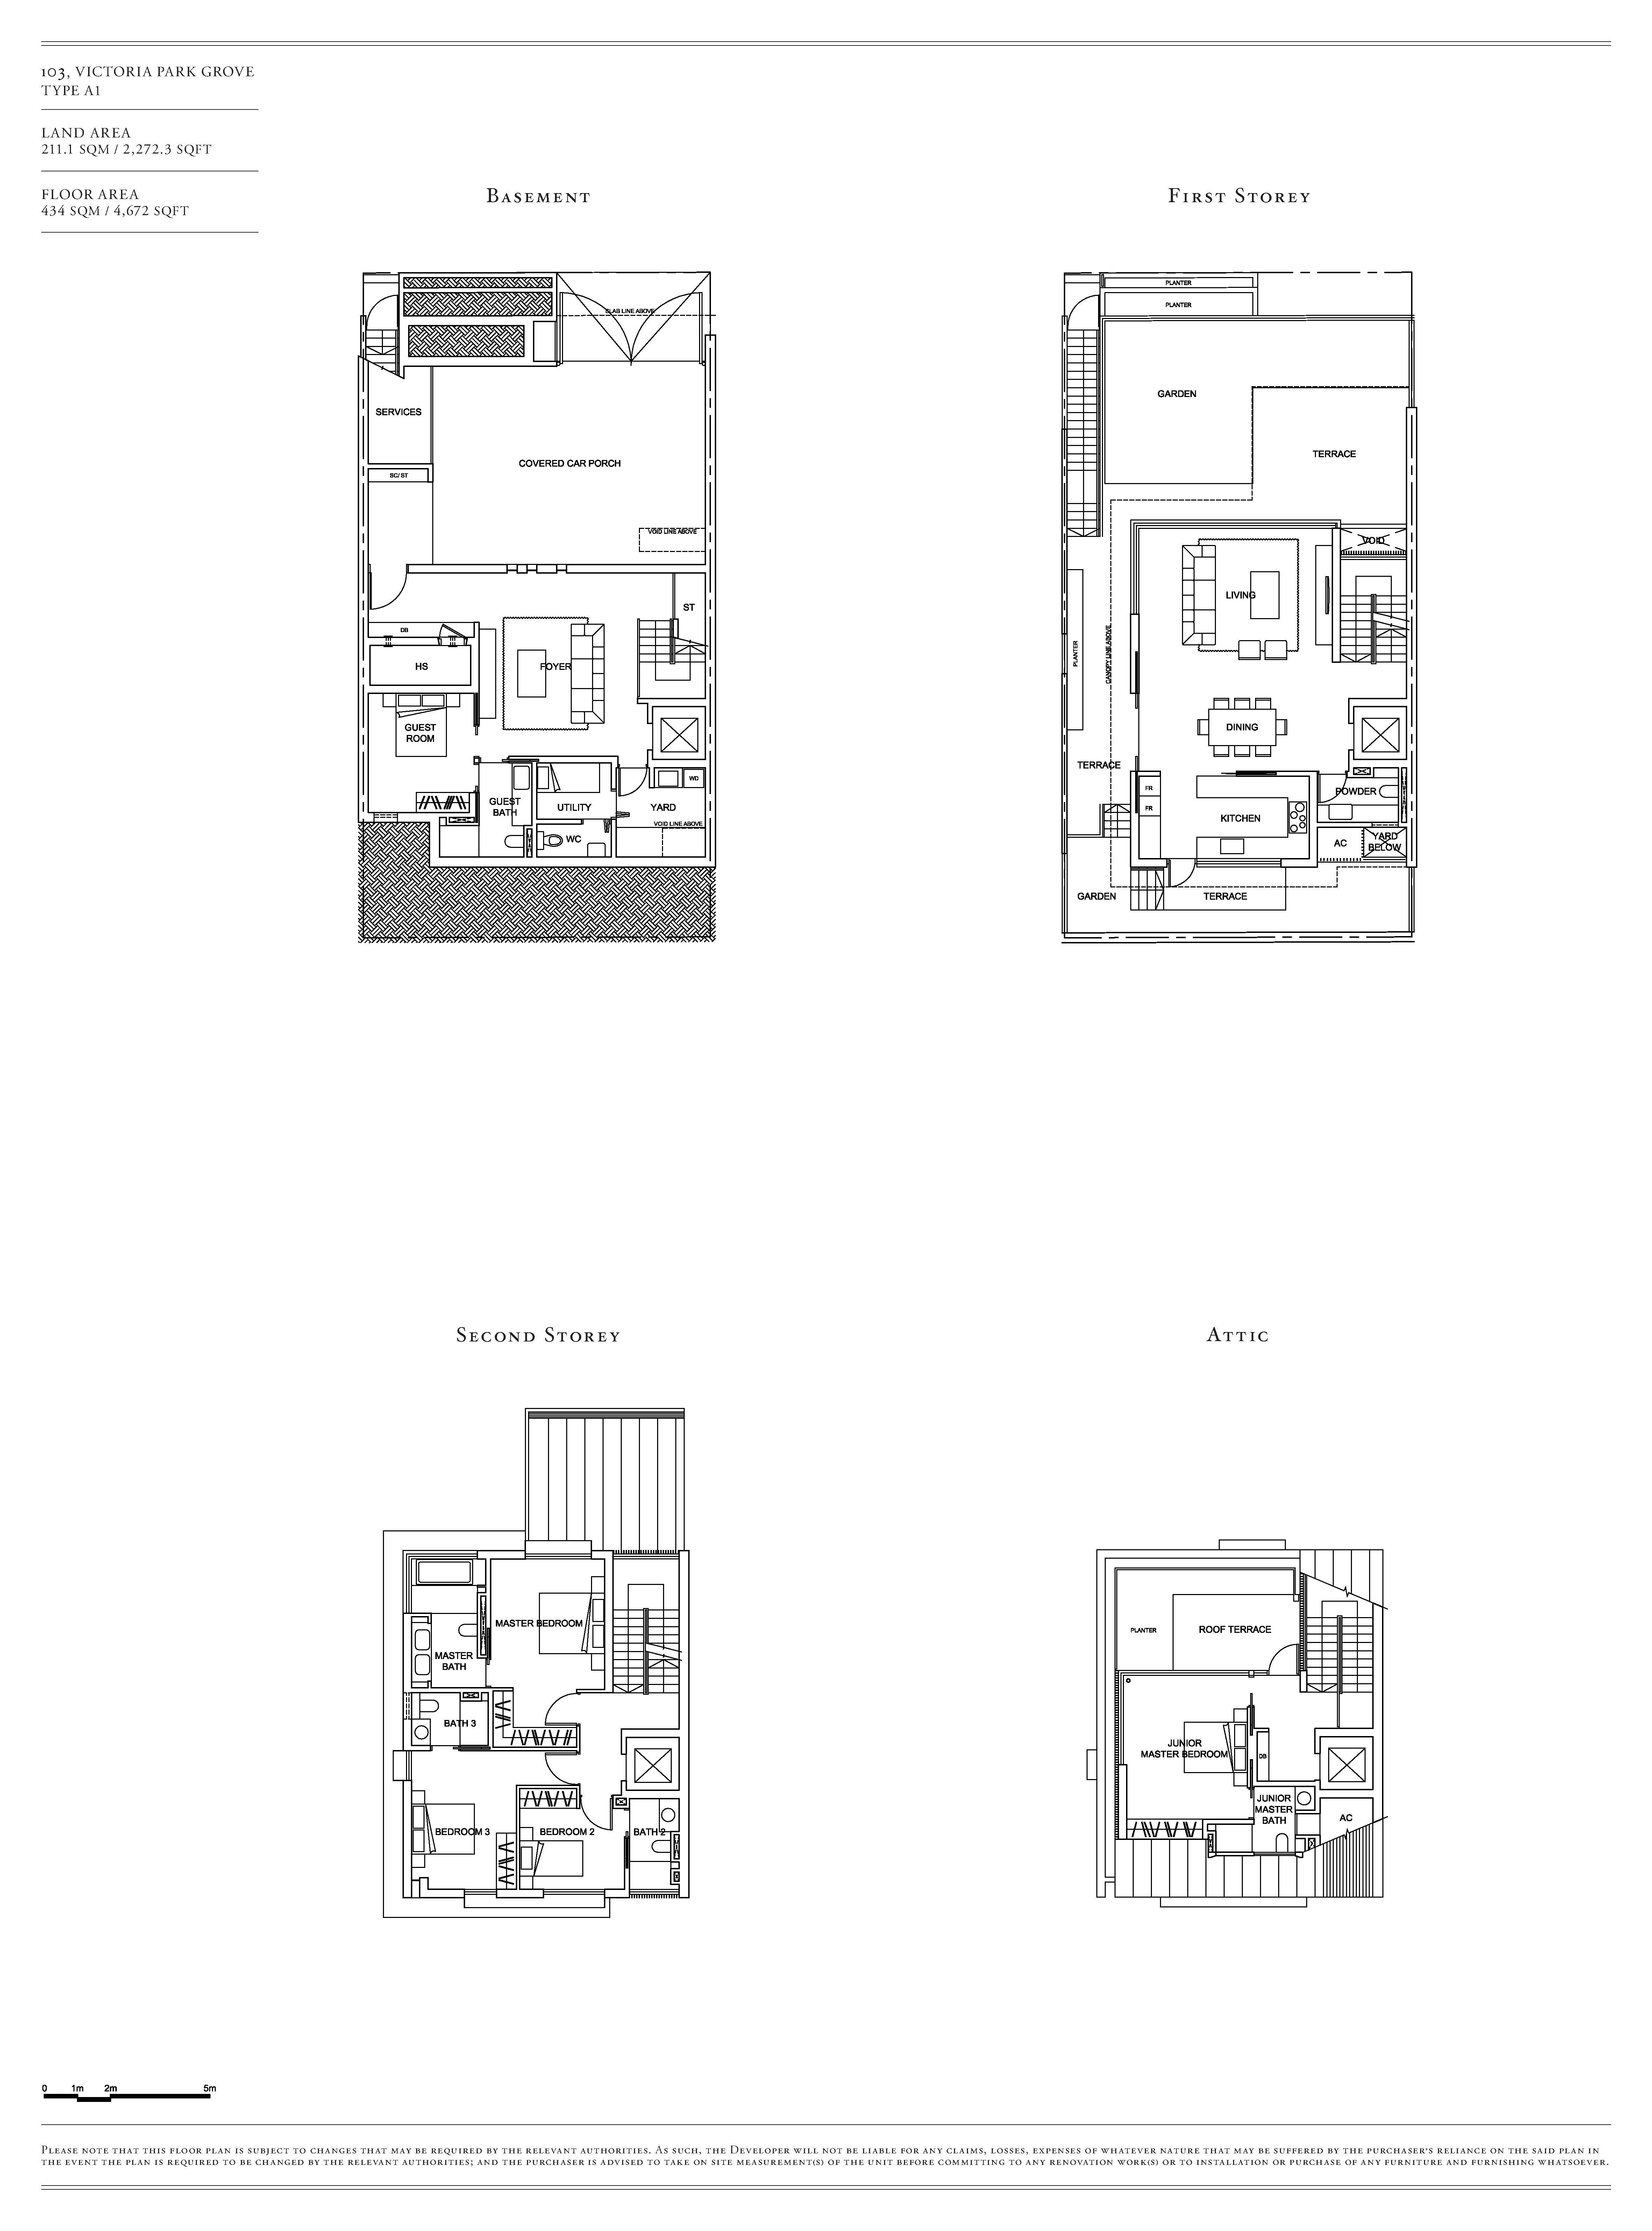 Victoria Park Villas House 103 Type A1 Floor Plans